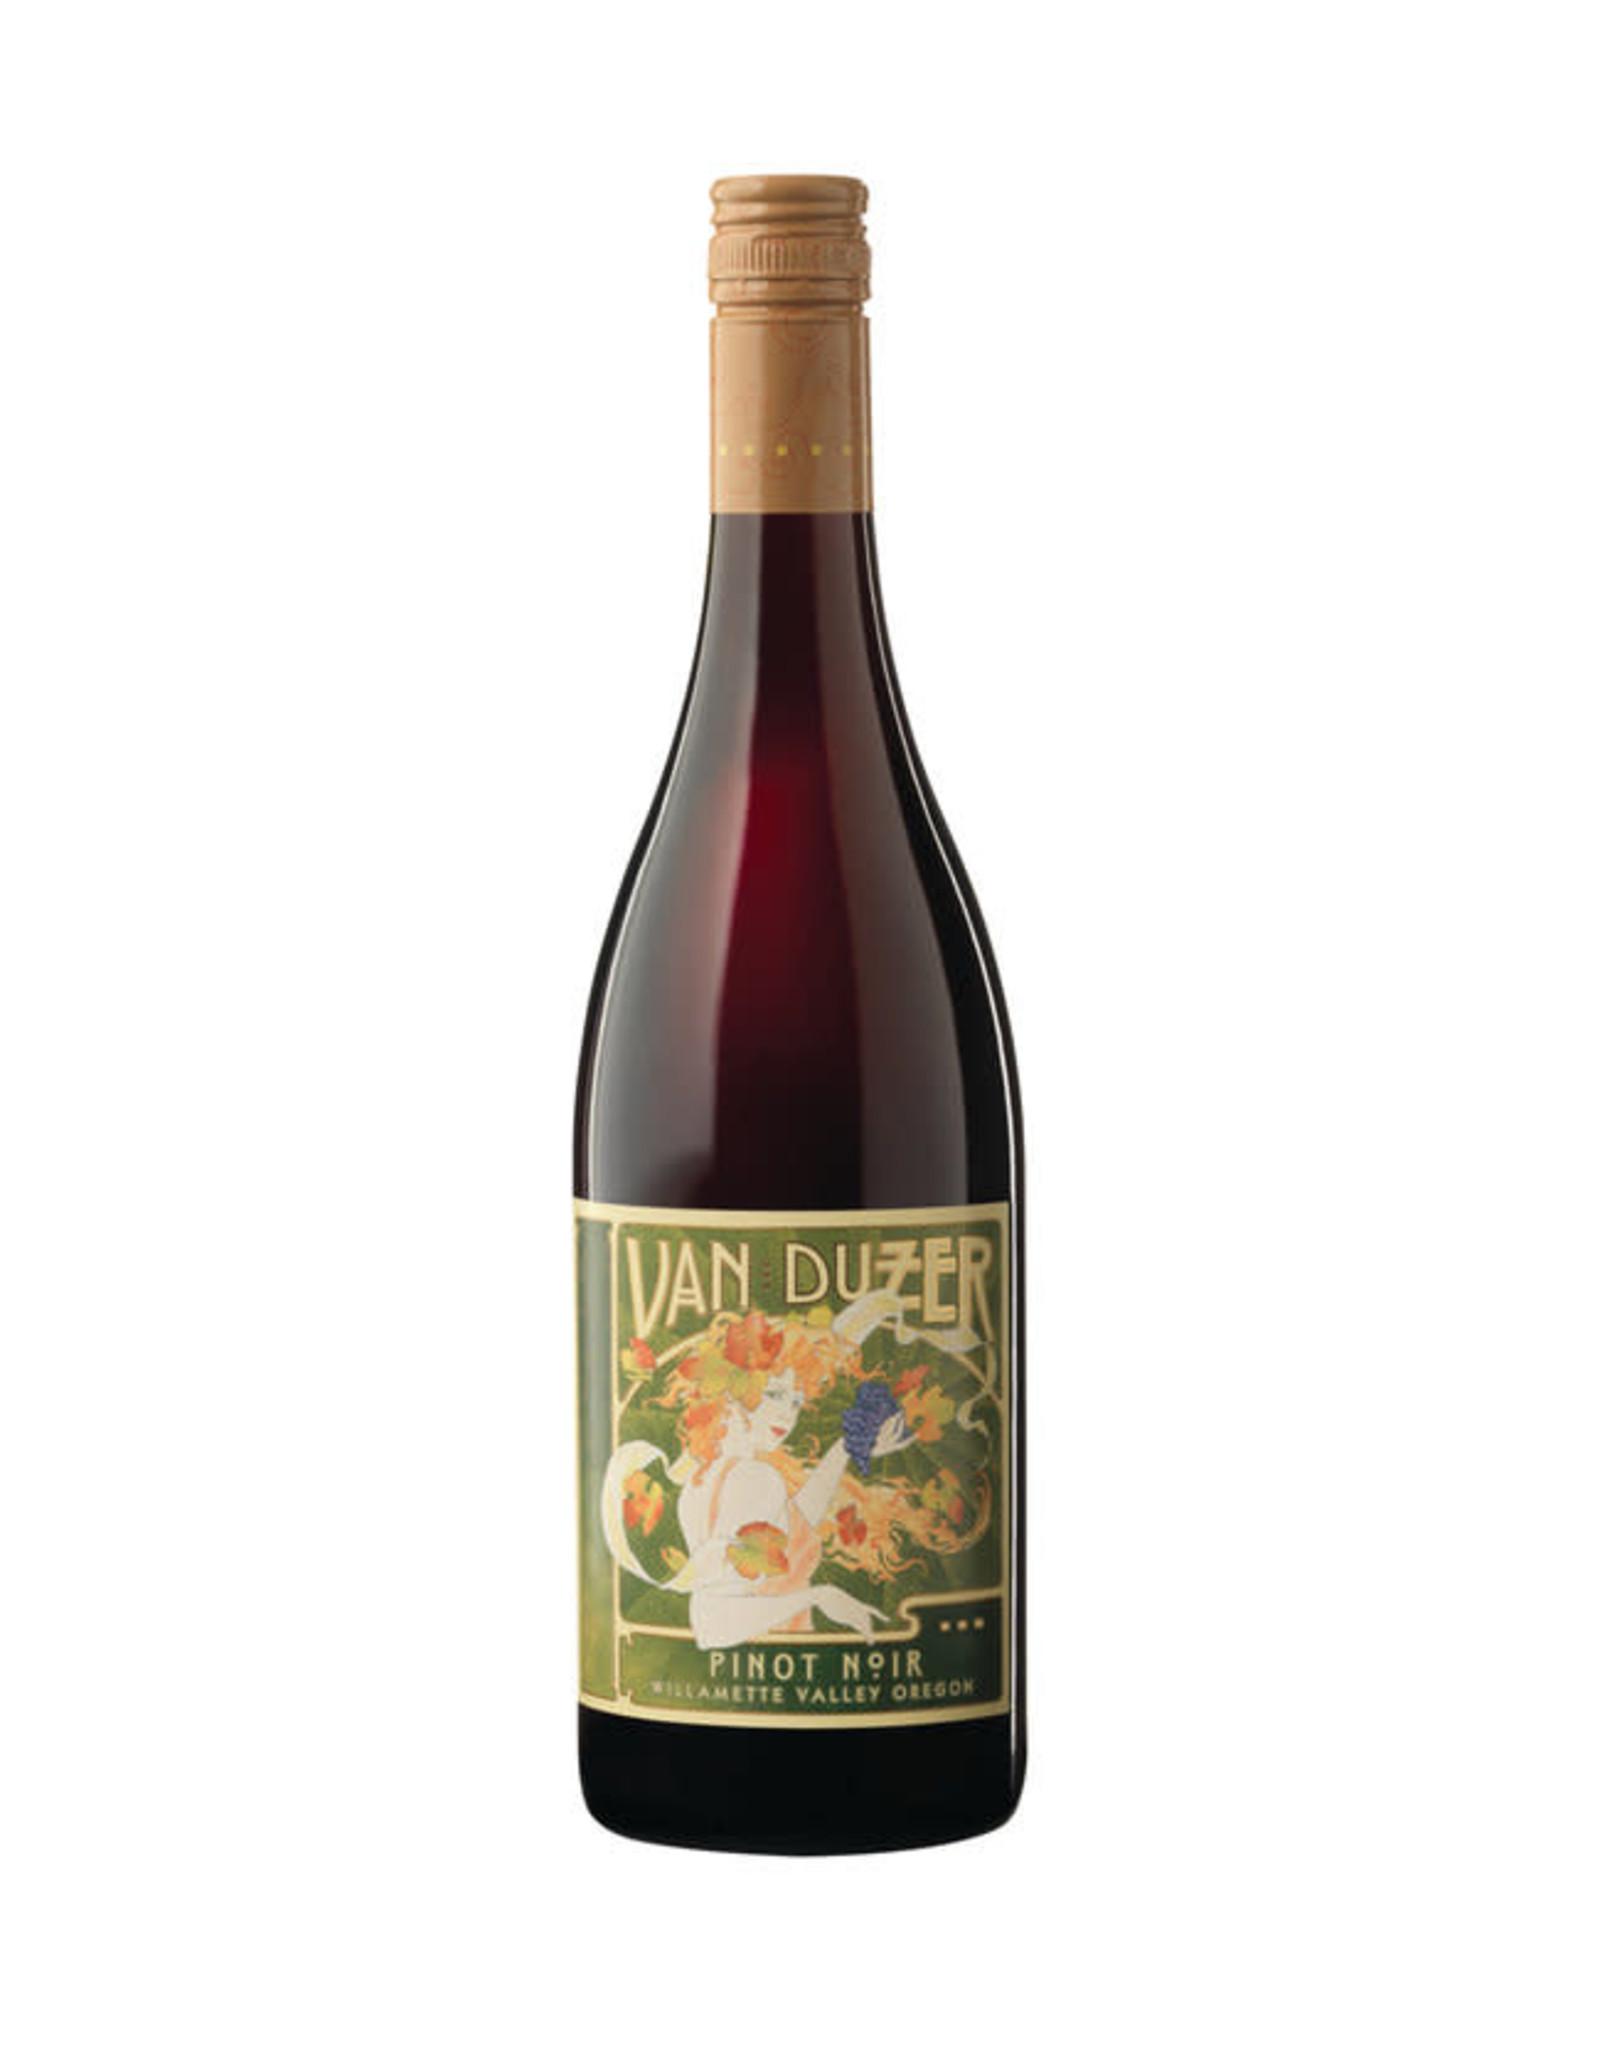 Van Duzer Willamette Valley Pinot Noir 2018